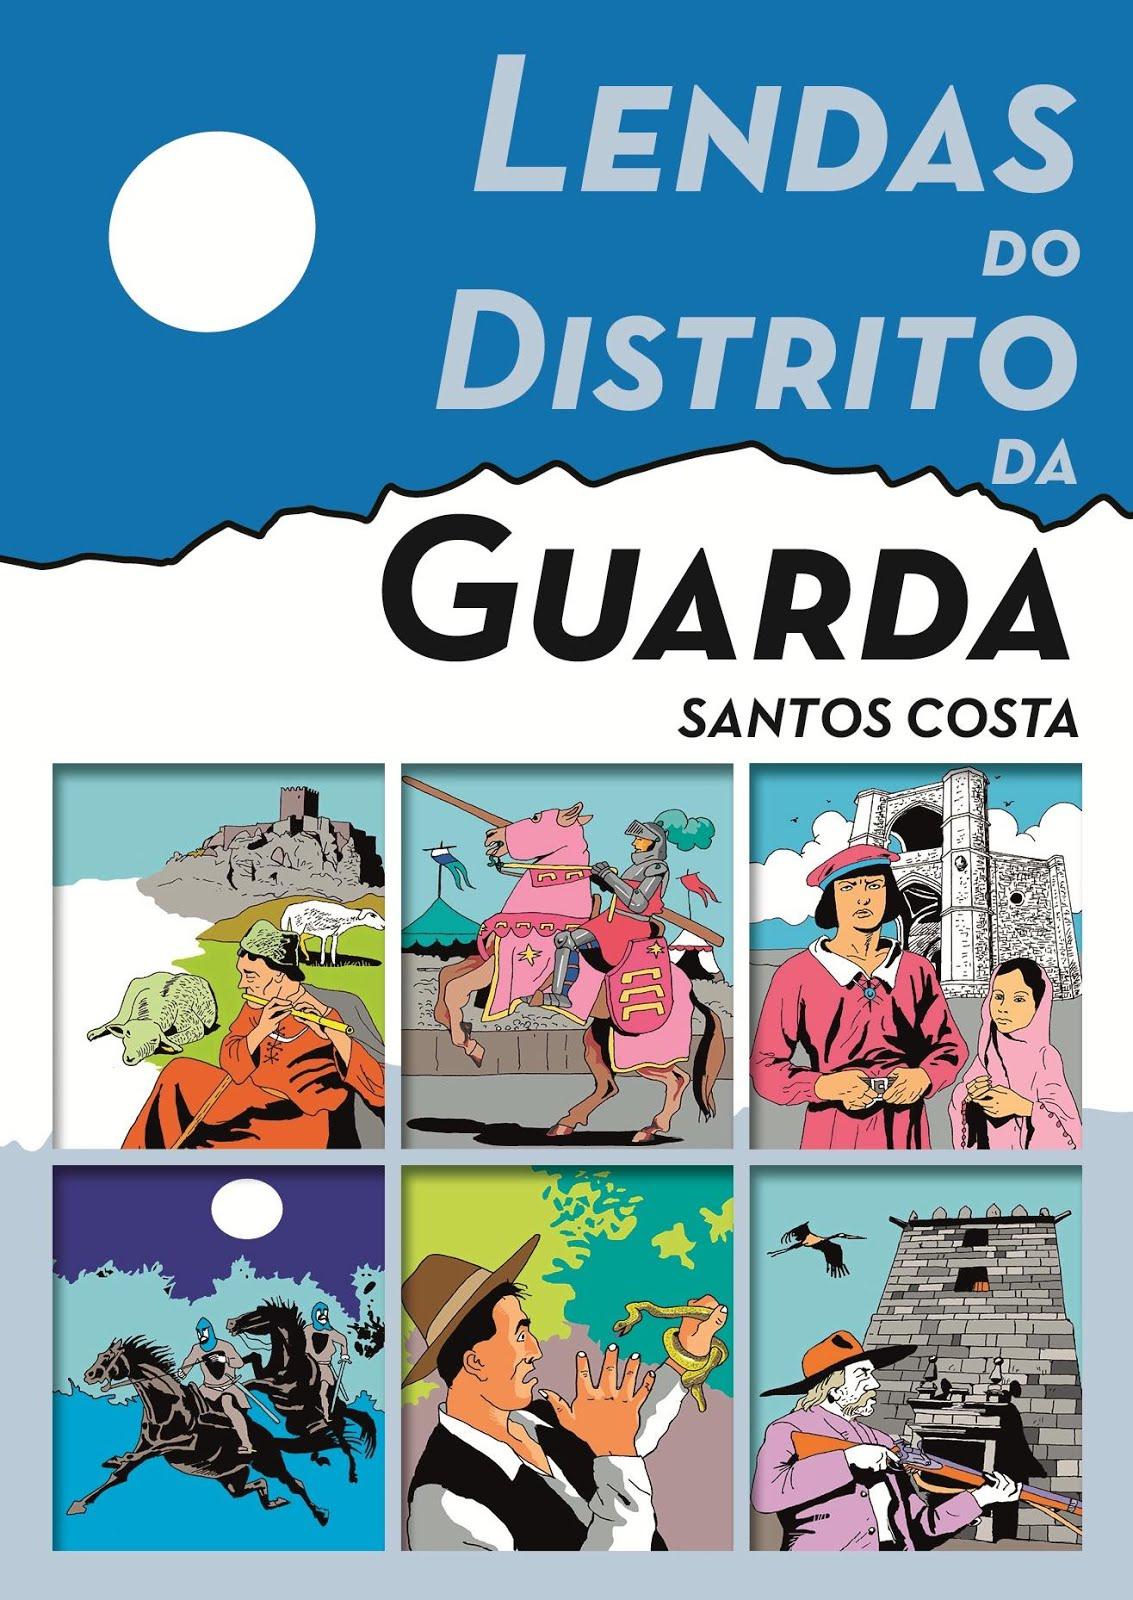 LENDAS DO DISTRITO DA GUARDA